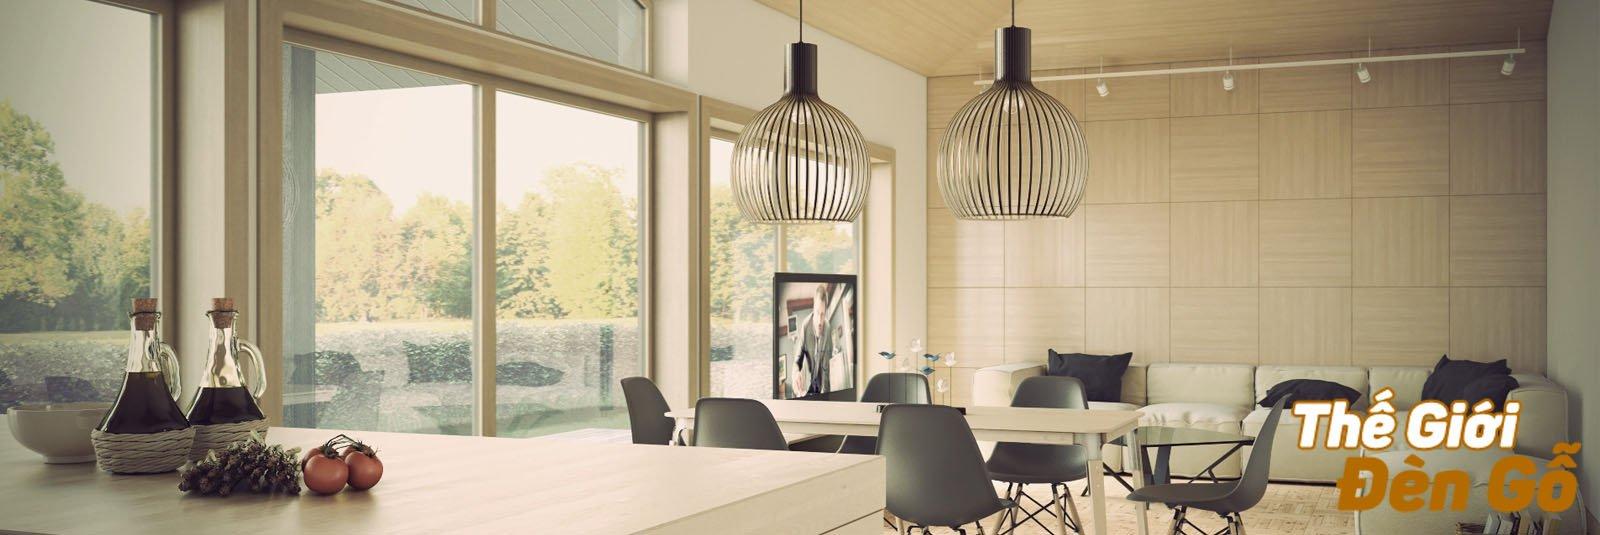 Thế giới đèn gỗ - Đèn gỗ trang trí nội ngoại thất